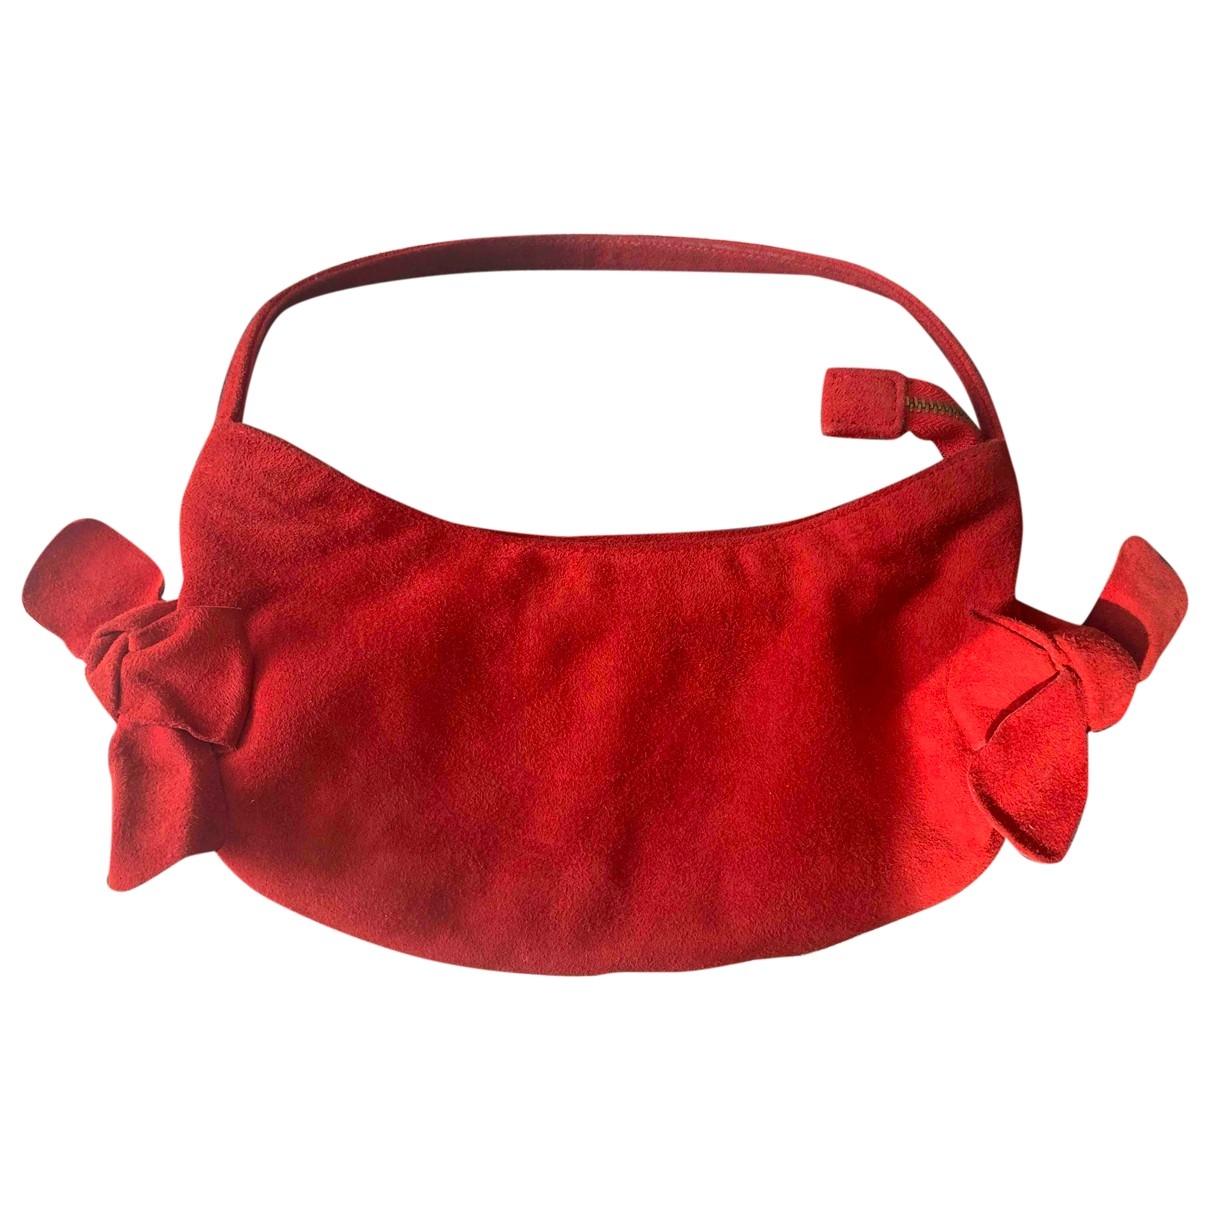 Lk Bennett \N Red Suede handbag for Women \N